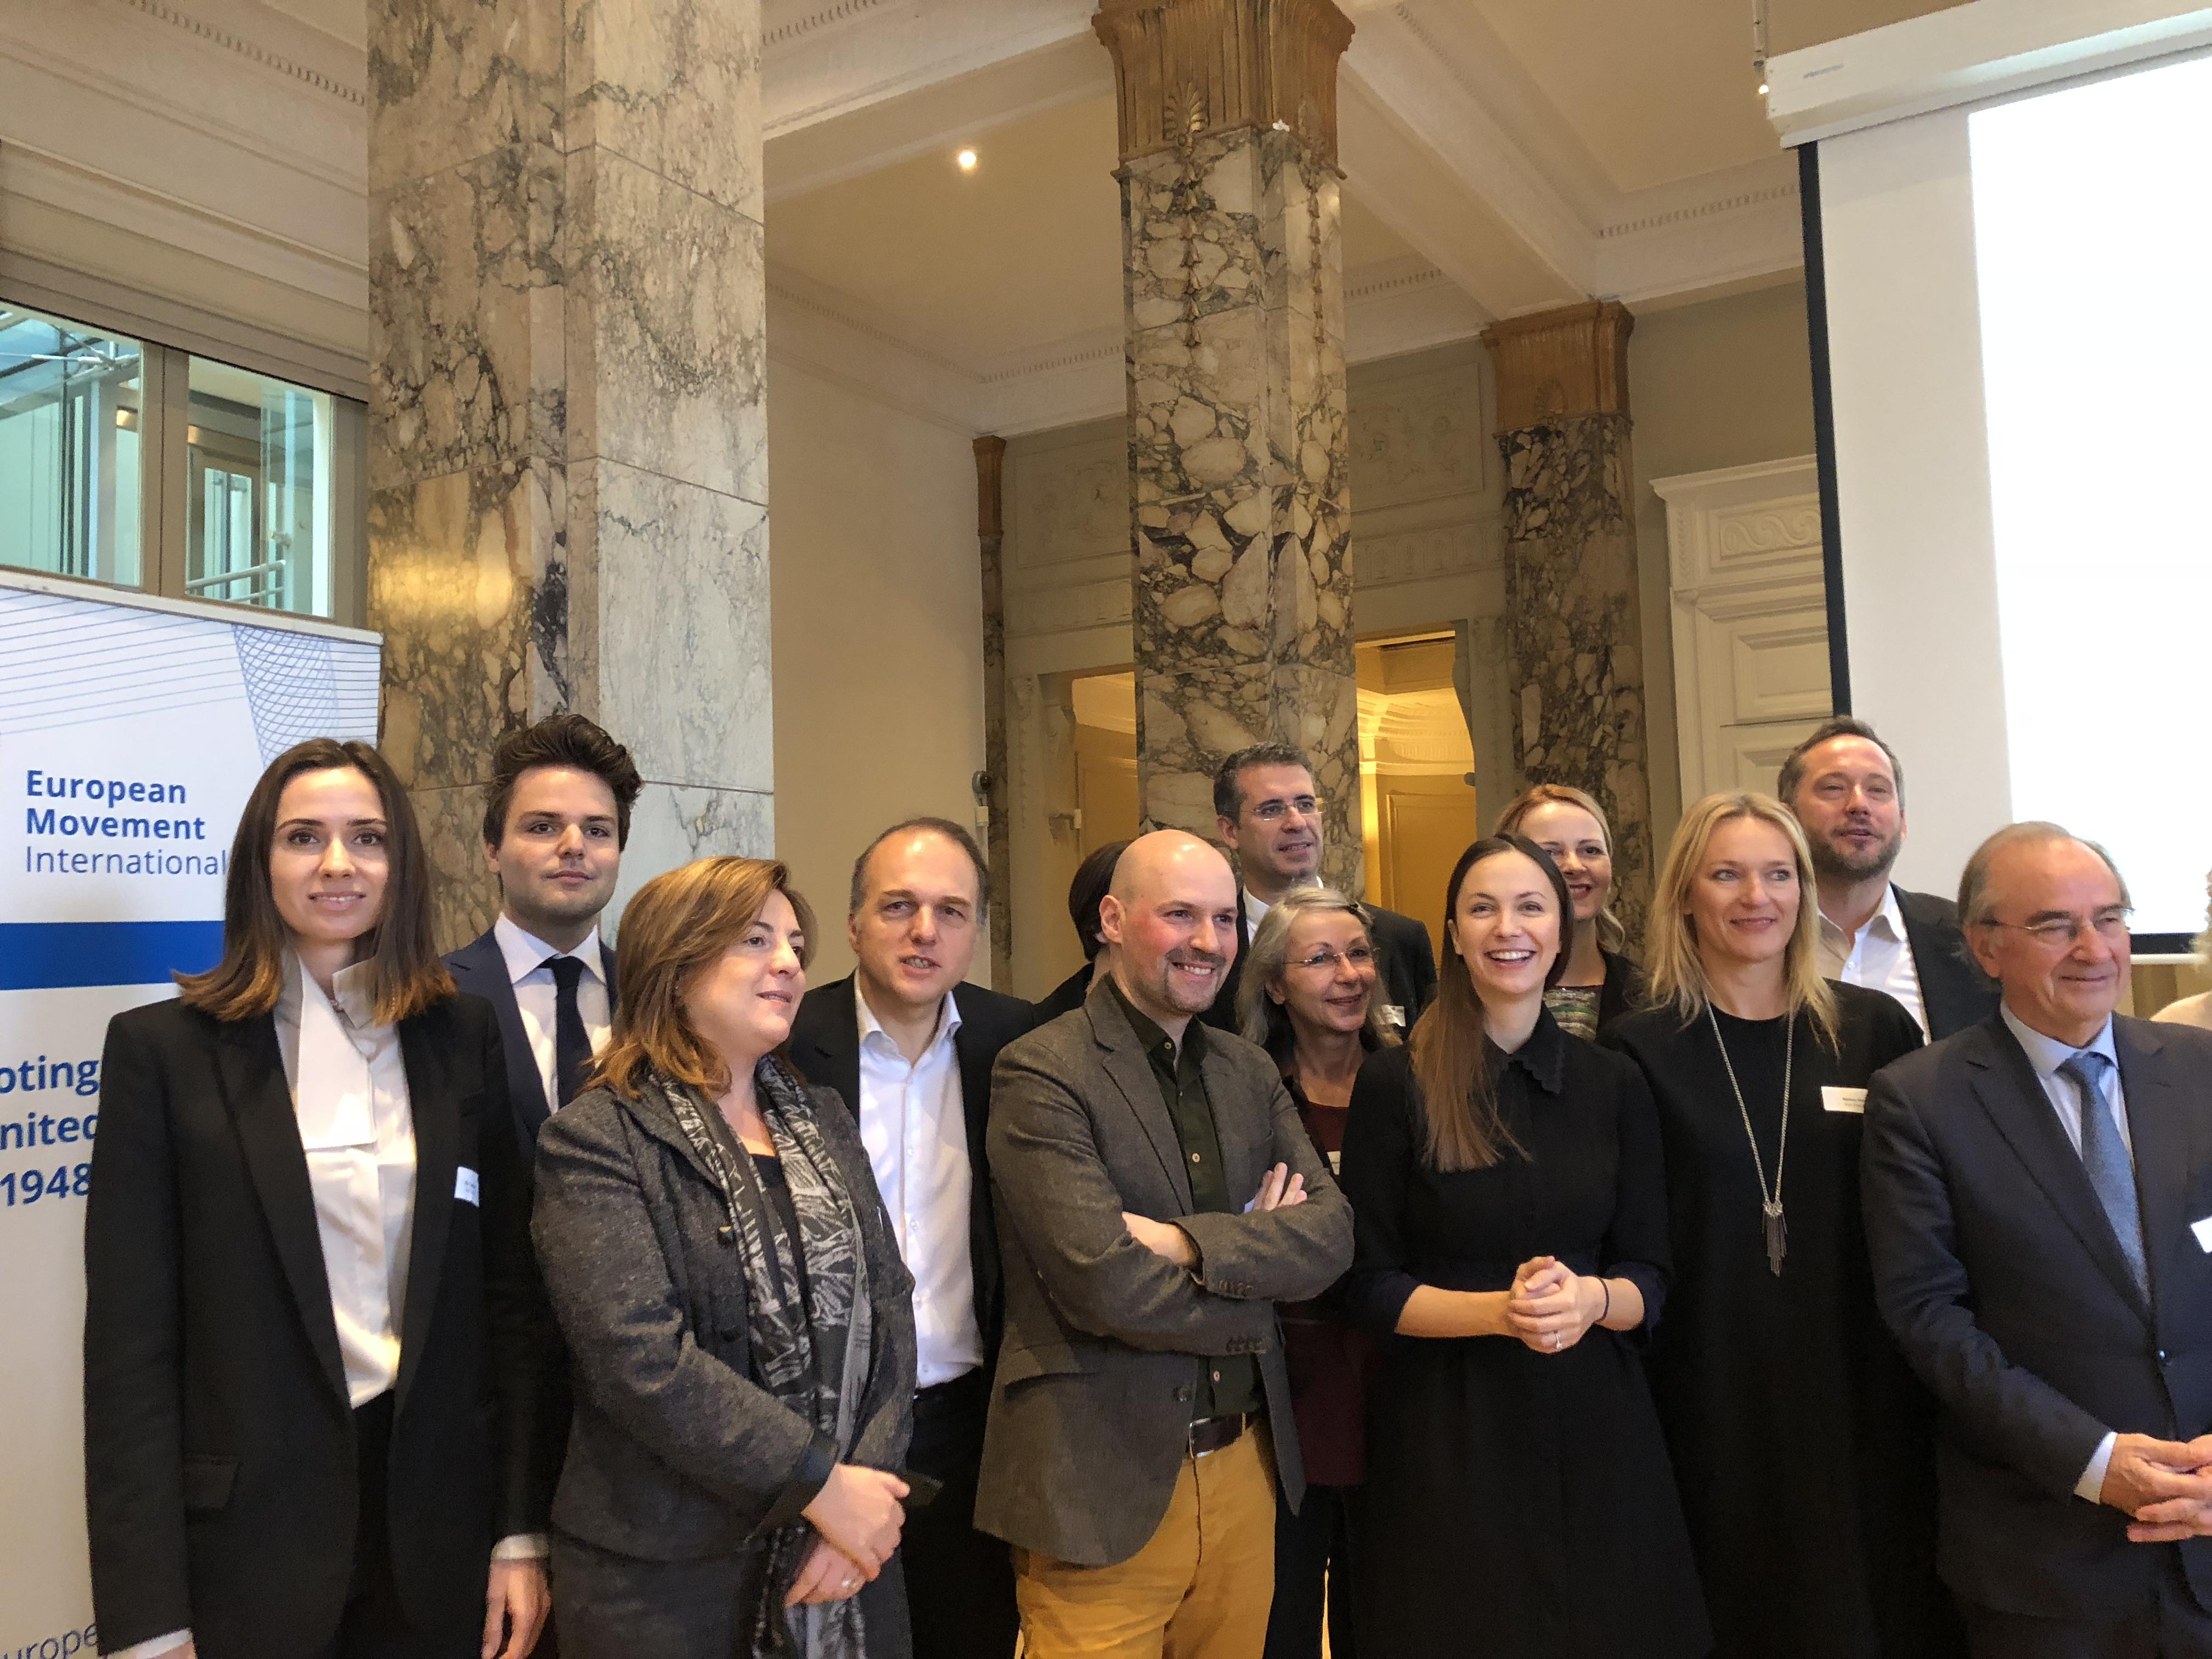 Ela Taşkent üyesi oduğumuz Uluslararası Avrupa Hareketi'nin Board'una seçildi